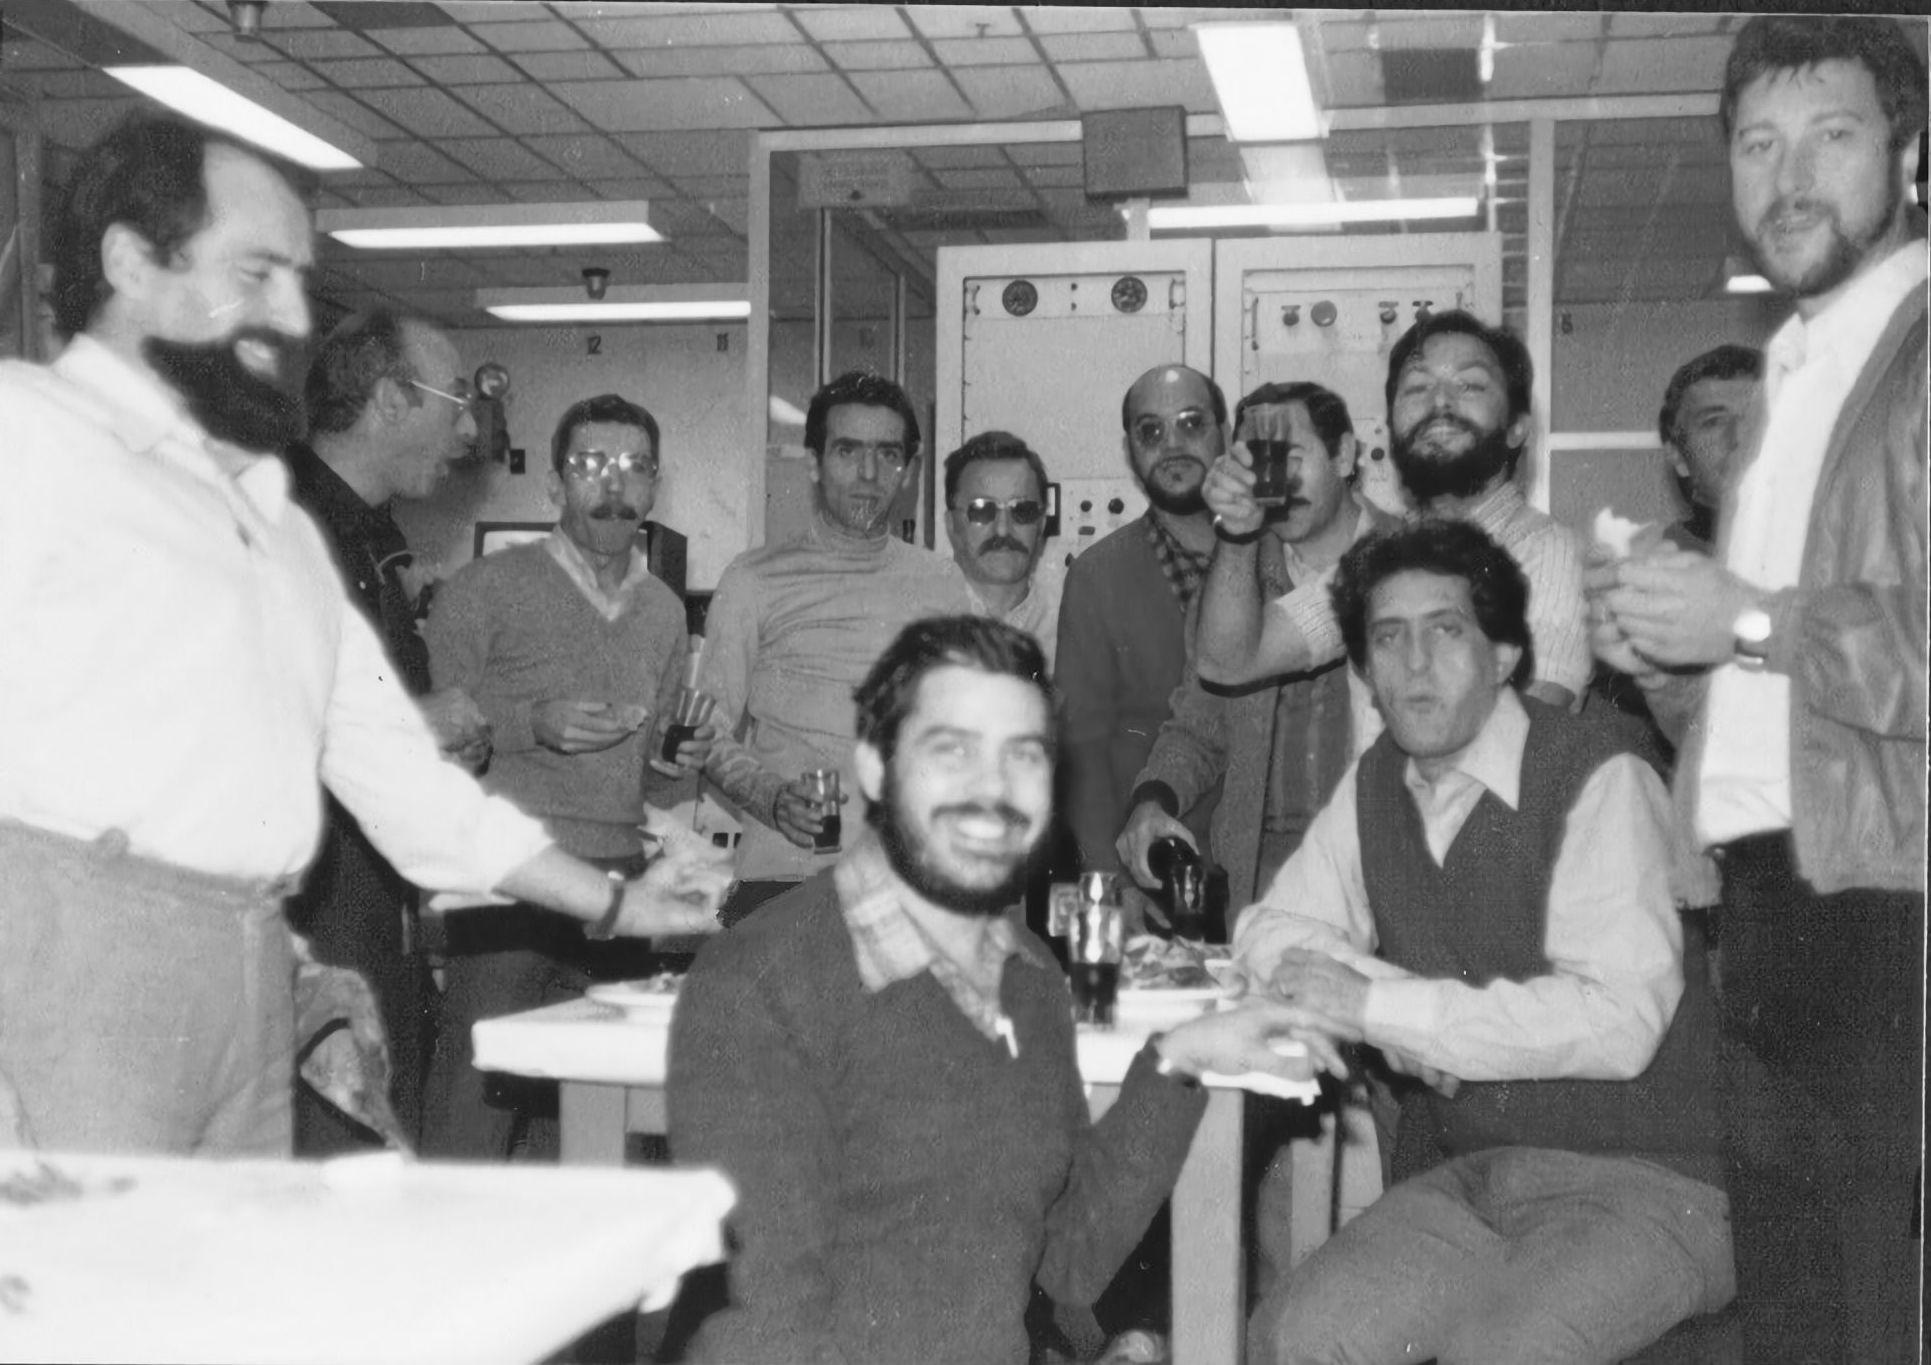 20 de julio de 1969. Estación de Robledo de Chavela. Celebración por el éxito del aterrizaje del Apolo 11